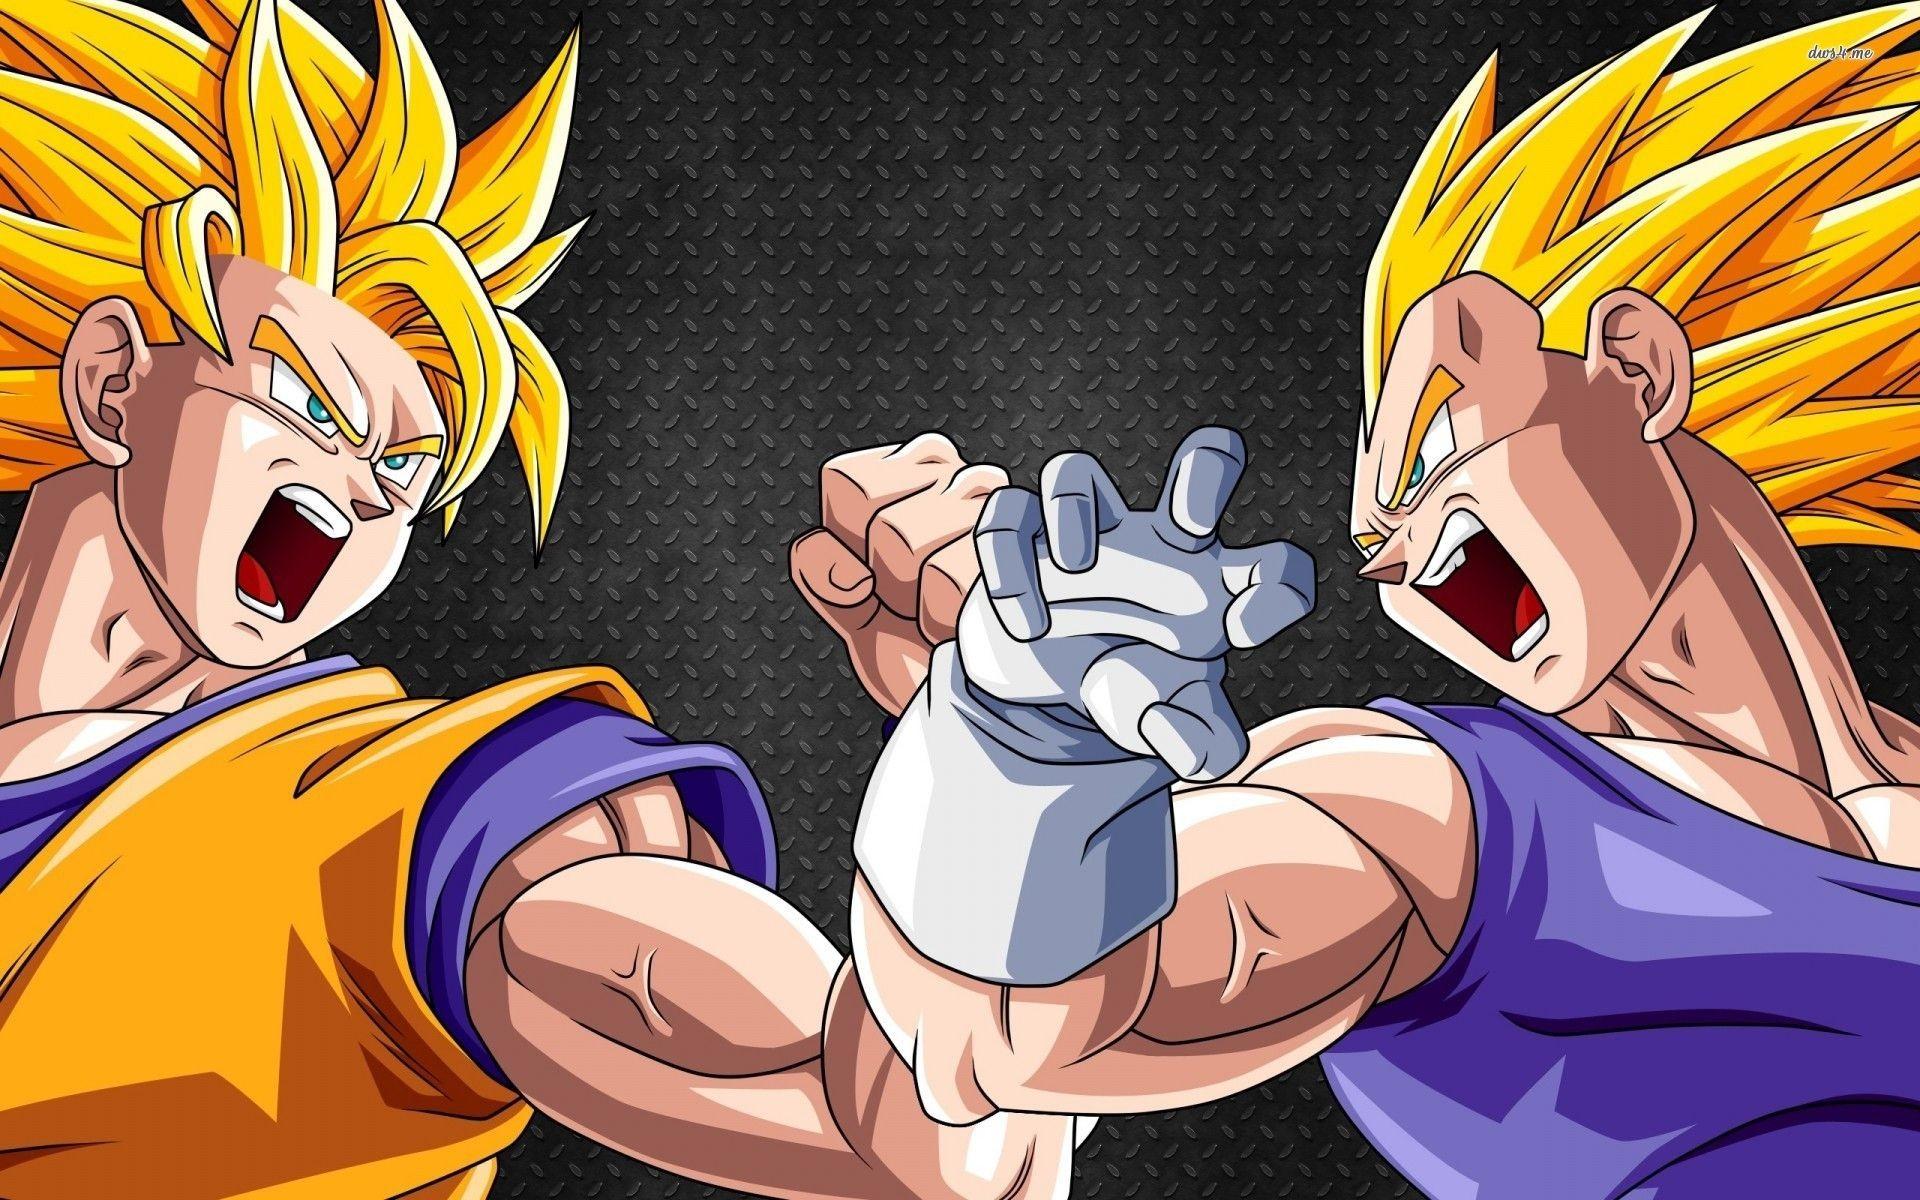 Dragon Ball Z Wallpaper 1080p Vegeta – HD Wallpaper Gallery